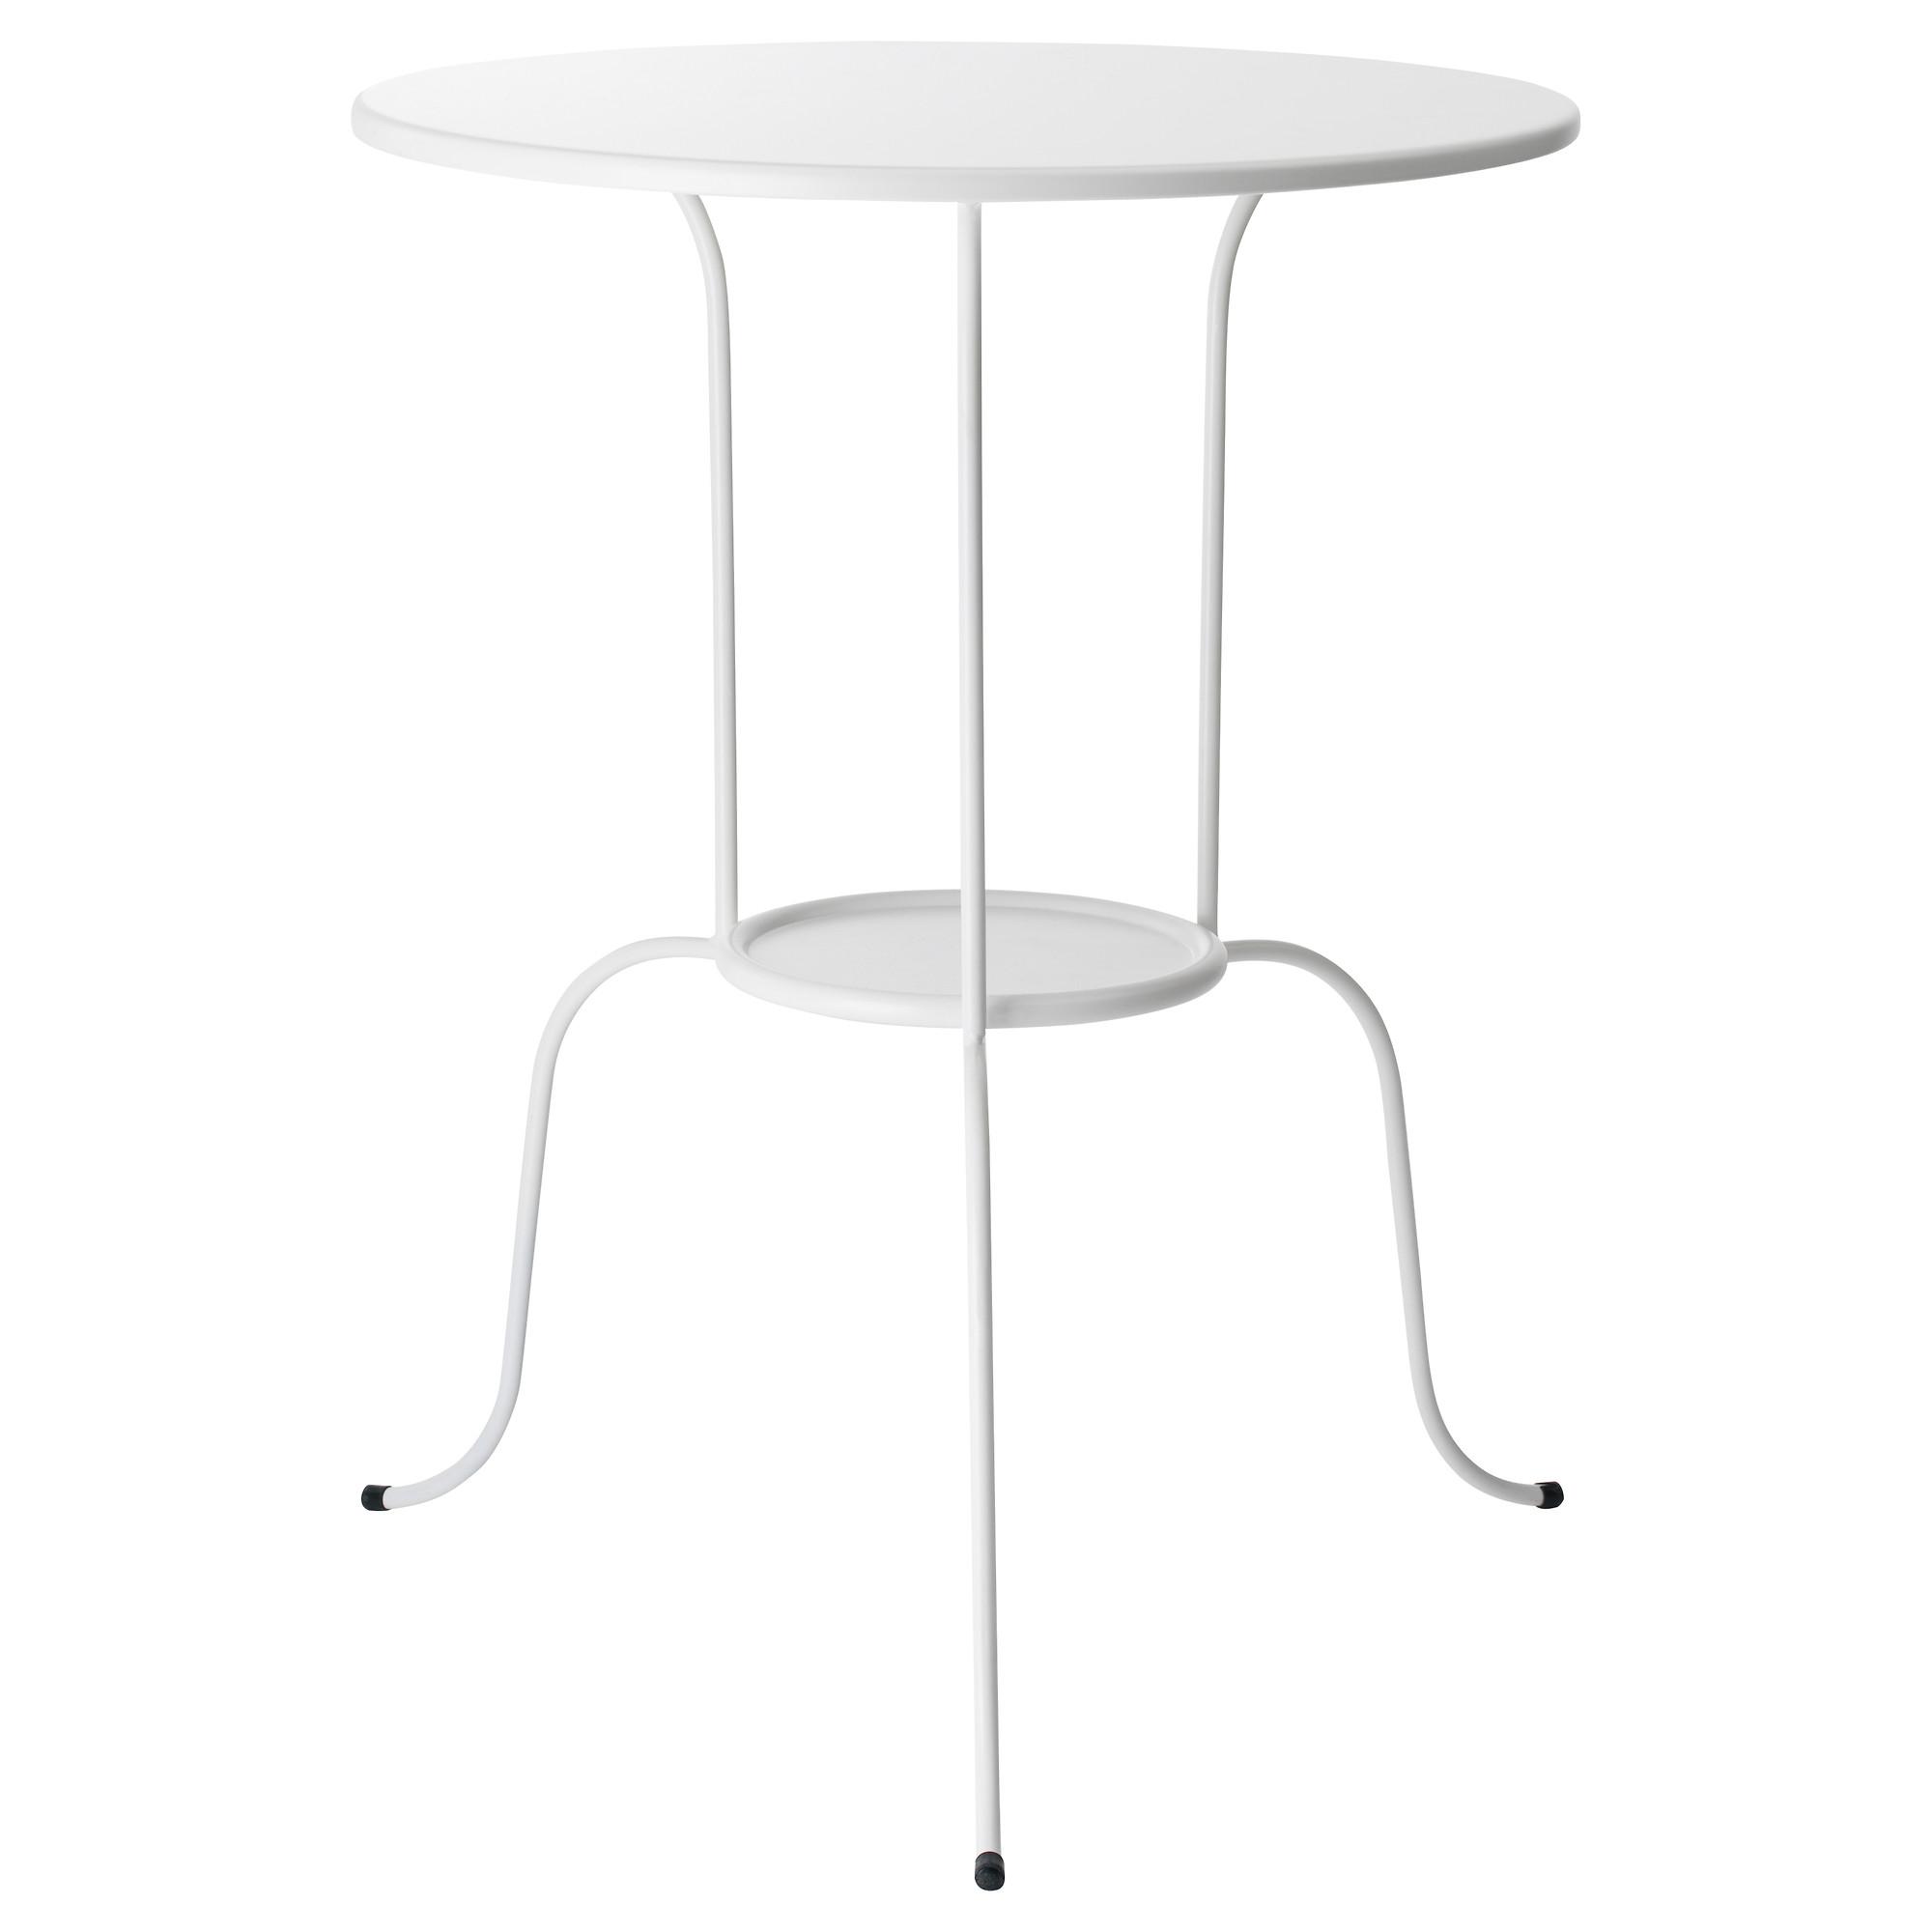 Придиванный столик ЛИНДВЕД белый артикуль № 703.841.70 в наличии. Онлайн сайт IKEA Минск. Быстрая доставка и соборка.